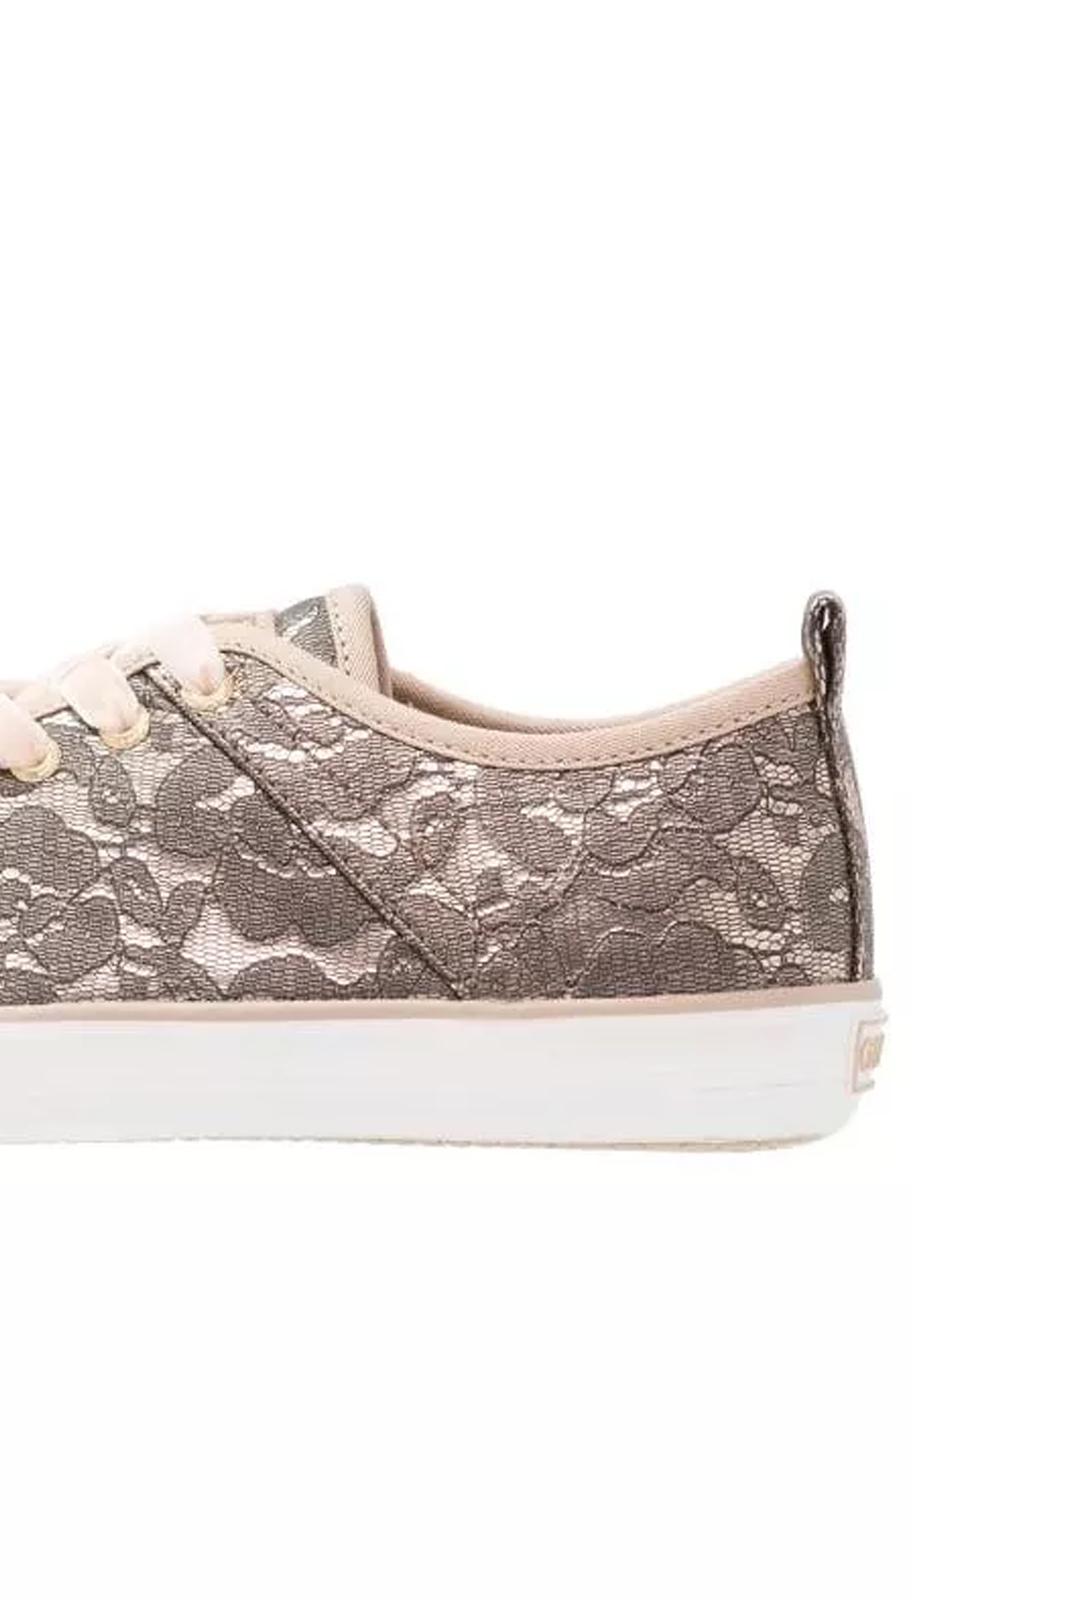 Baskets / Sneakers  Guess jeans FLJLI3 LAC12 jolie beige